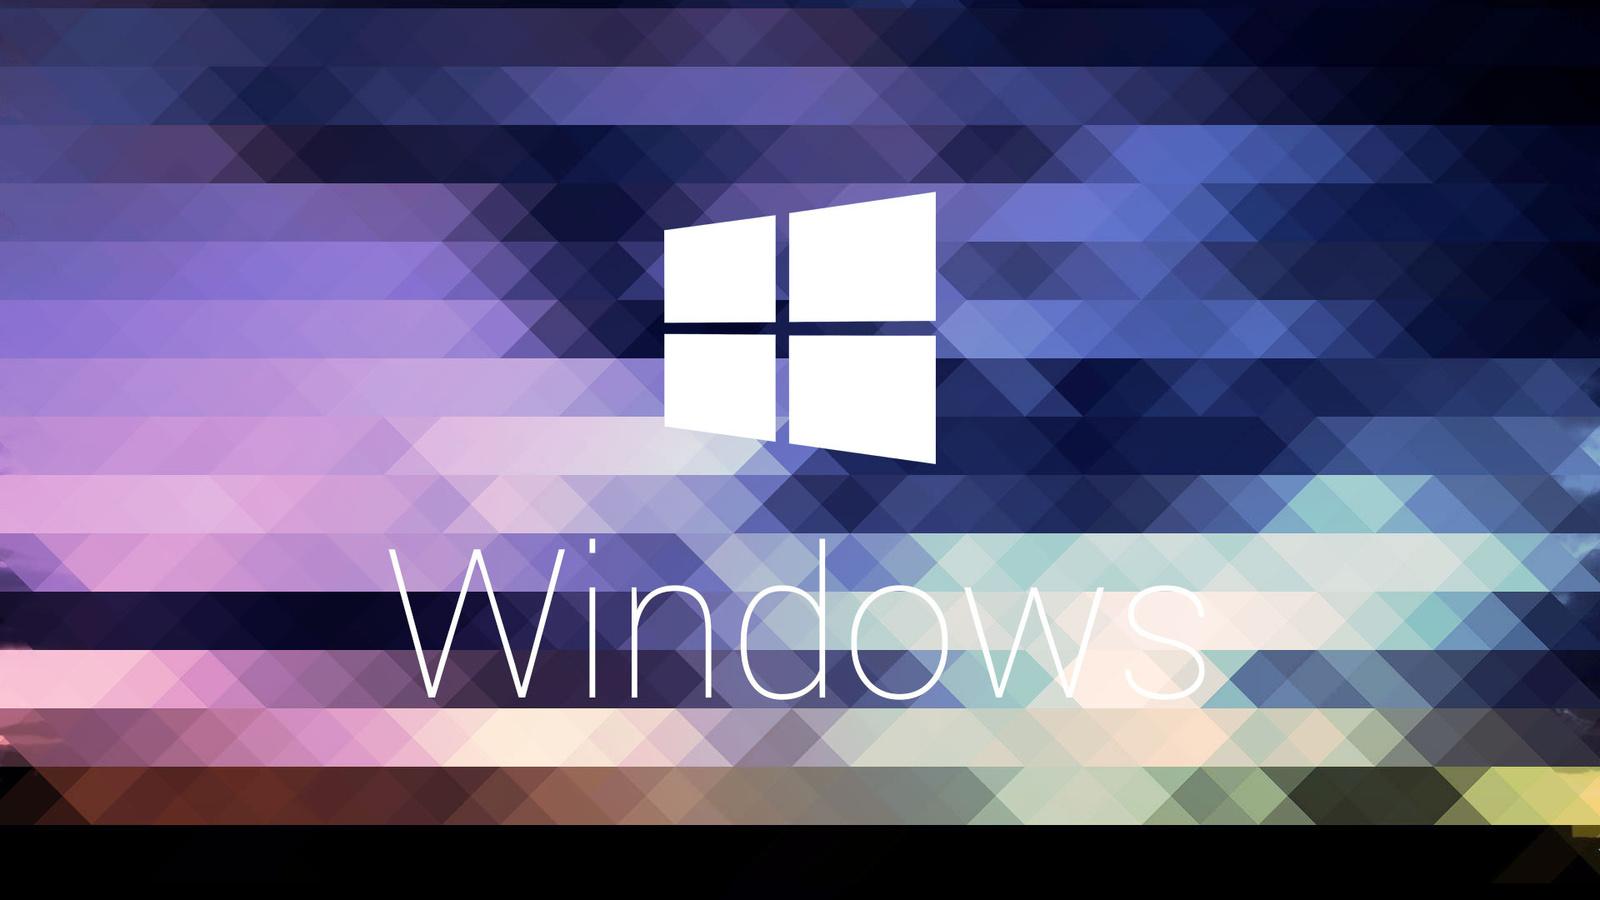 windows, microsoft, лого, логотип, мозаика, текстура, цвета, сетка, треугольники, пикселизация, а,а,а,аа,а,,а,,аа,а,а,а,а,аа,а,а,а,а,а,аа,а,а,а,аа,а,а,а,а,аа,ааааа,,а,а,а,а.аа,аа,а,а,,а,а,а,а..аа,а.а,а,а,,аа,,аа,а,а,,а,,а.аа..а.а.аа,а,а,а,а,а,а,.аа.а,а,а,